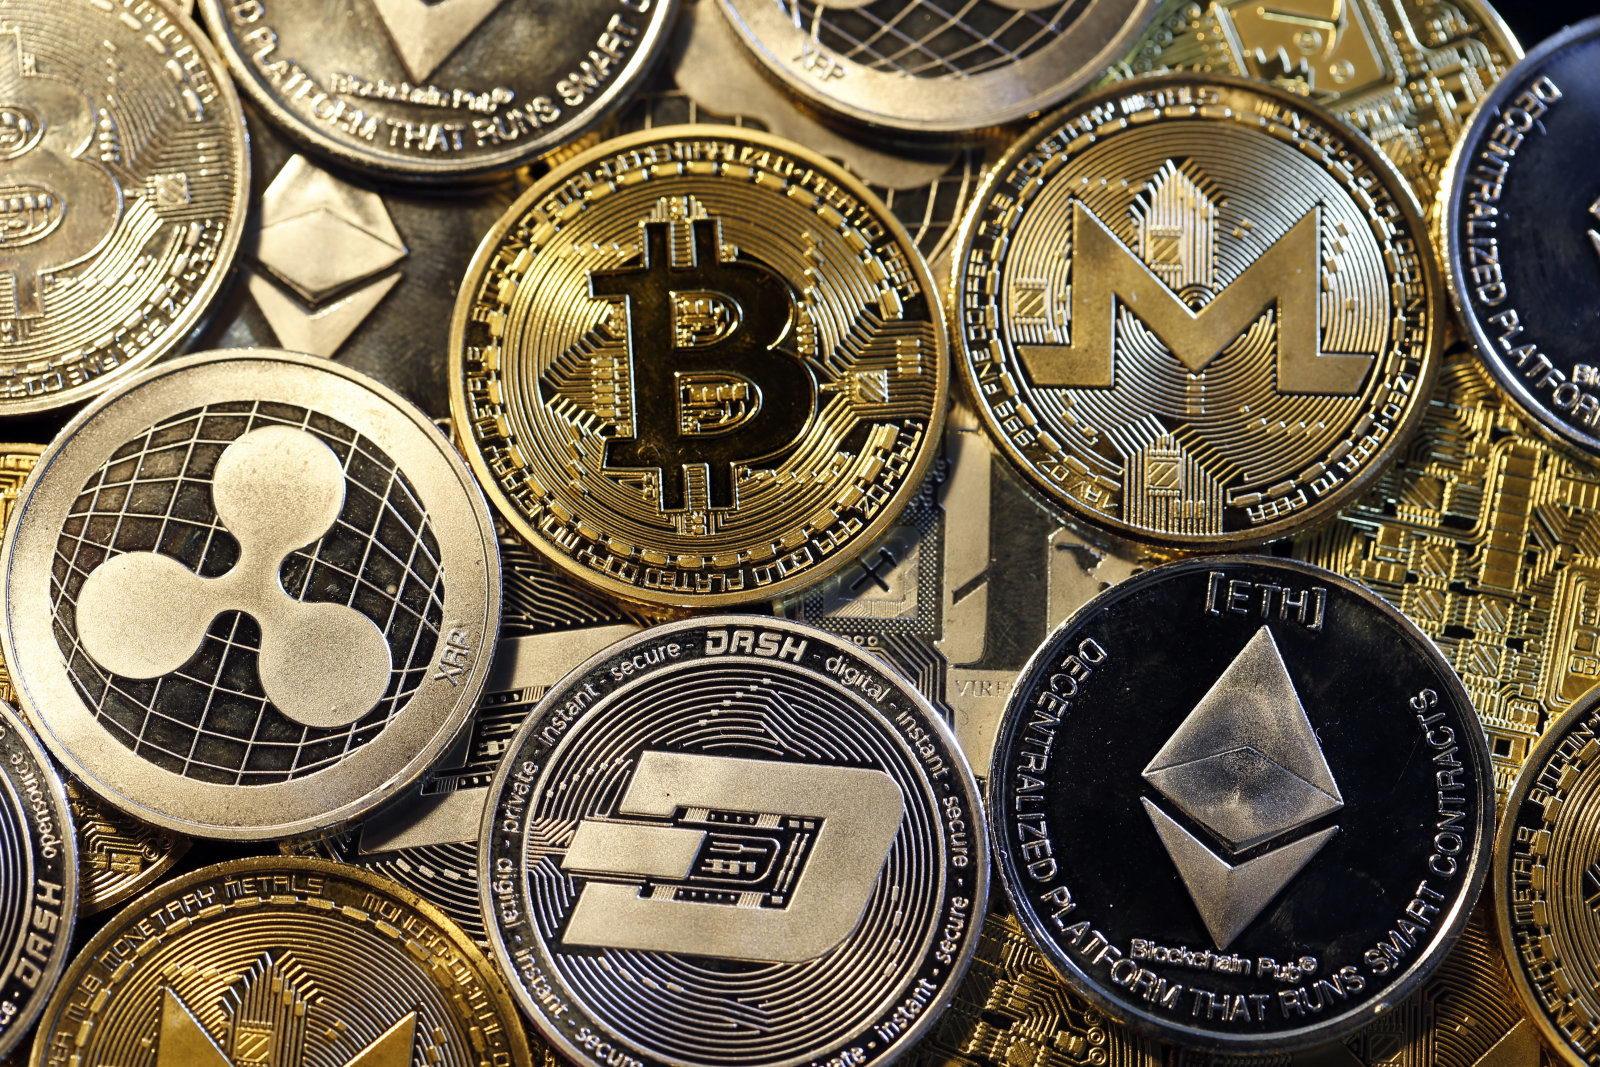 Барт Смит: институциональные инвесторы придут после регуляции криптовалют